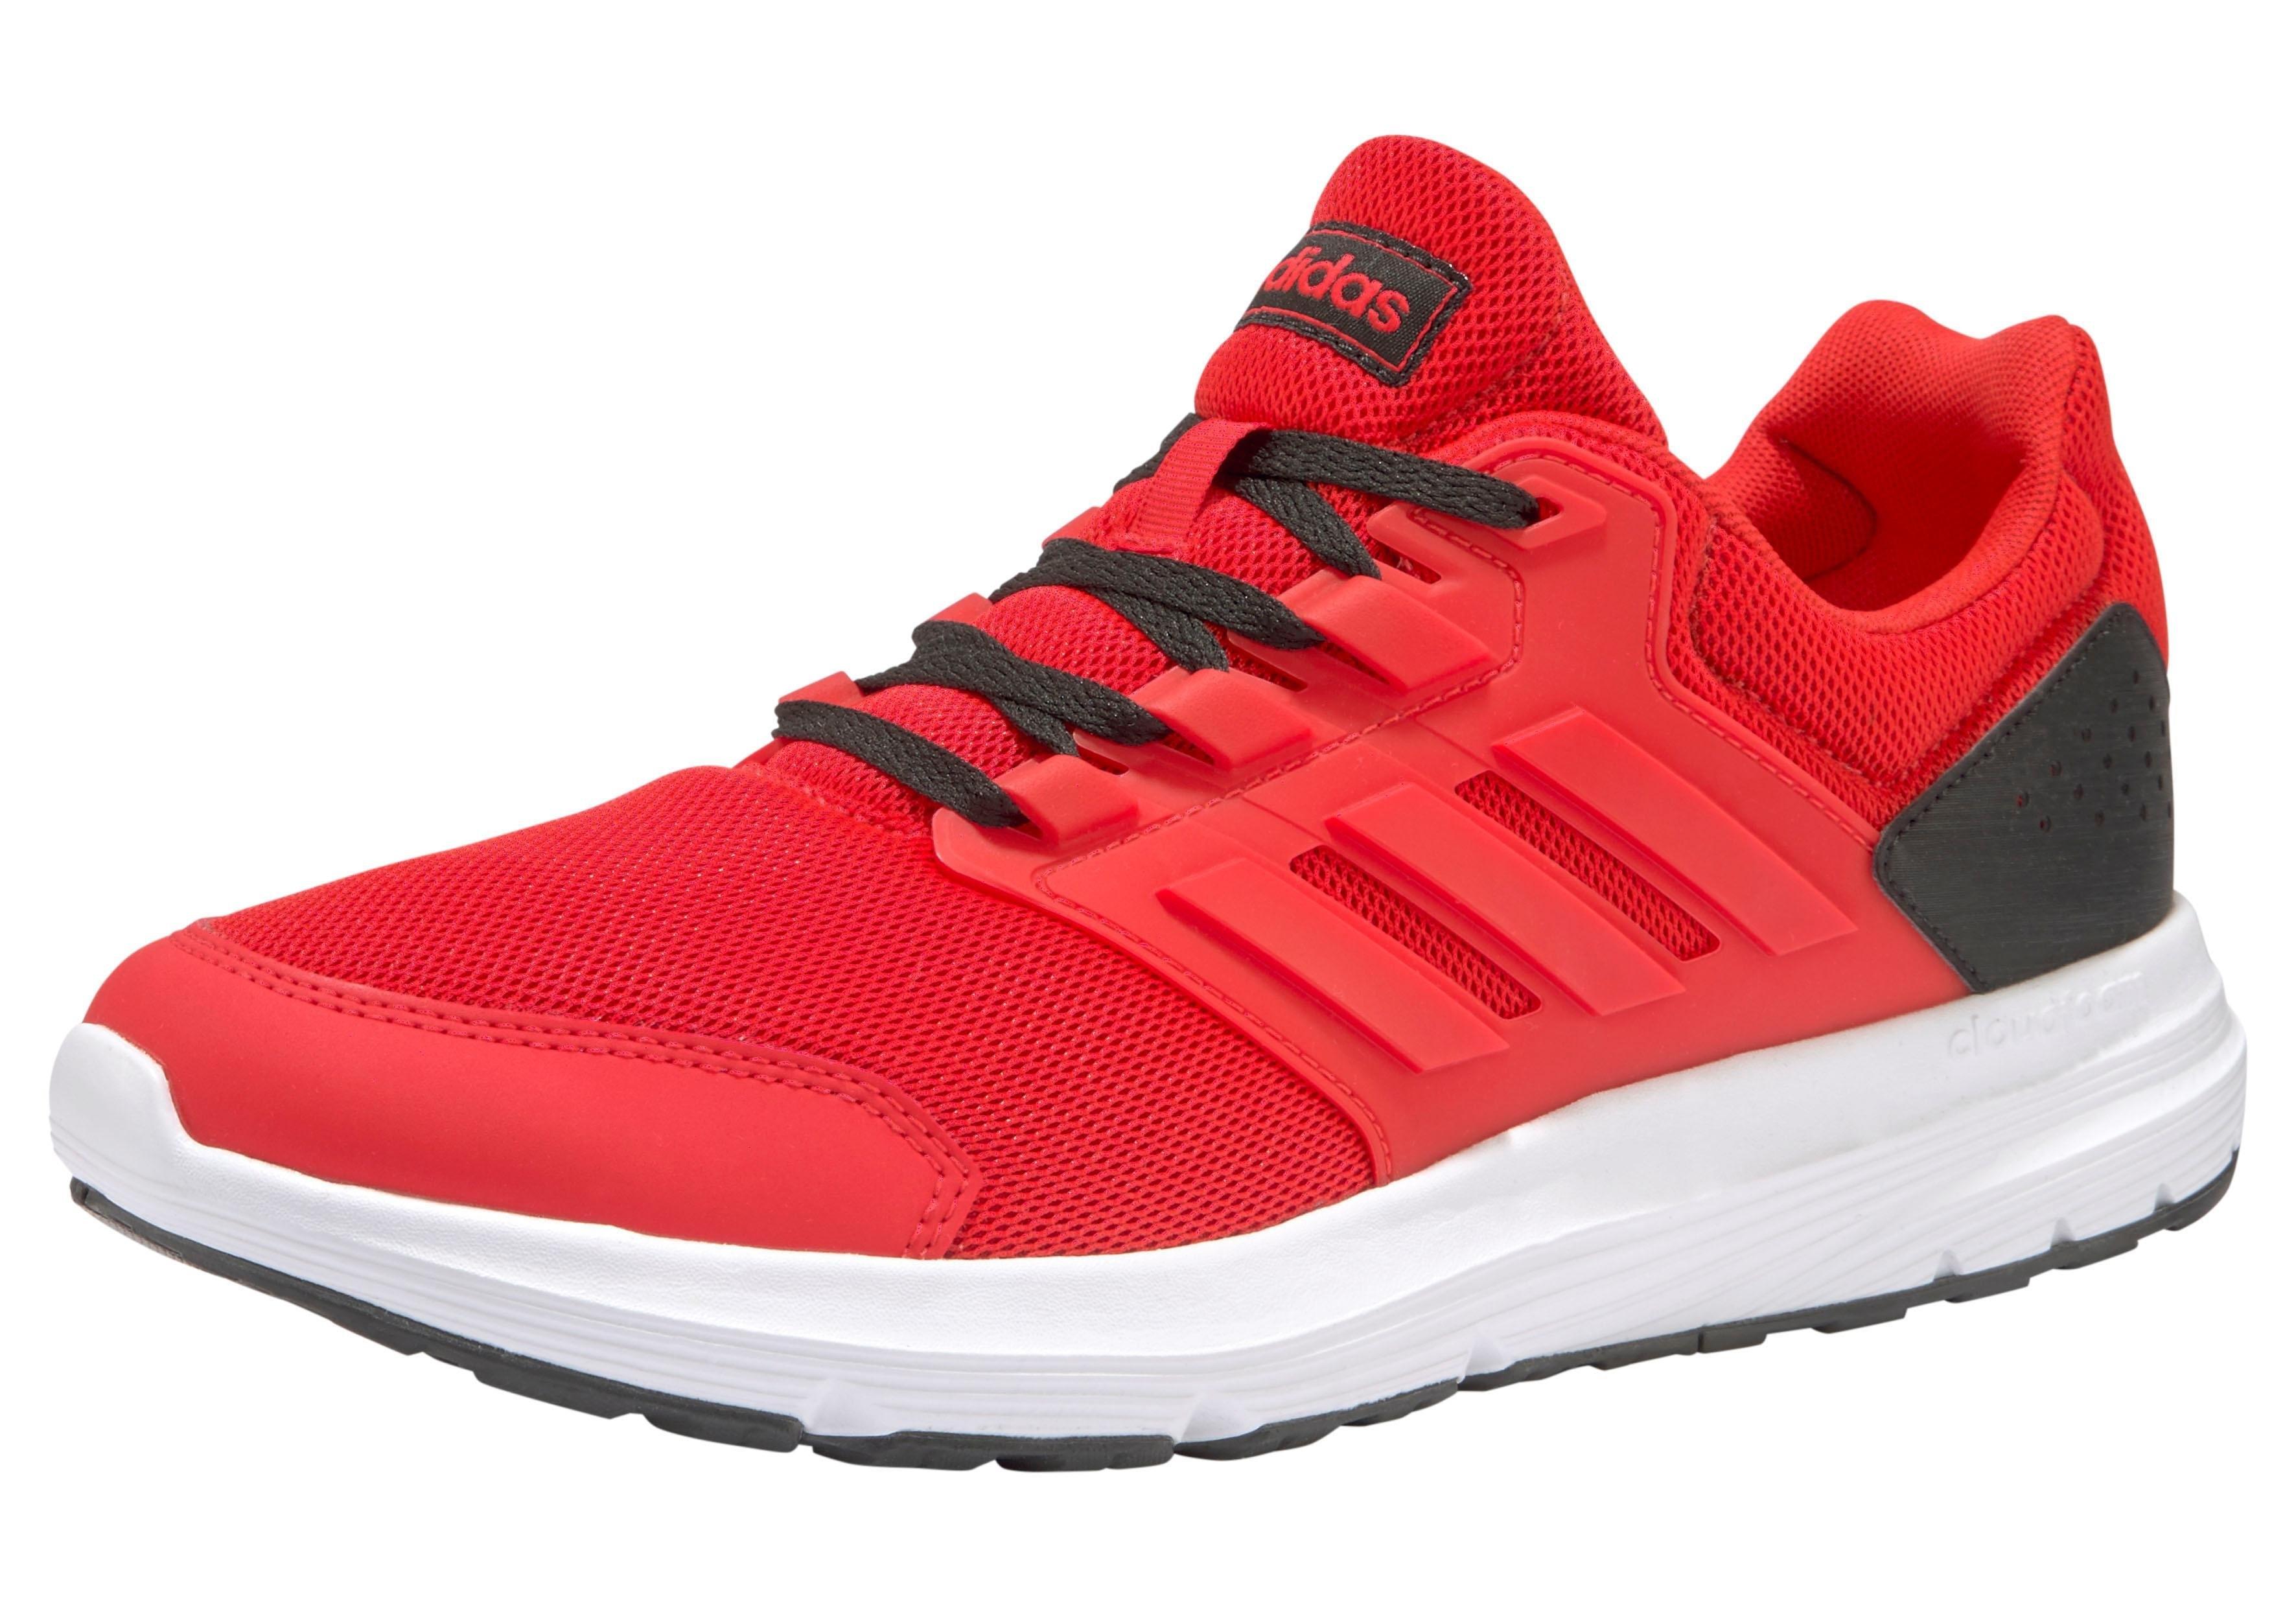 4 Adidas 4 Adidas Runningschoenengalaxy Bestellen Bij Runningschoenengalaxy Bestellen qUpSzMV